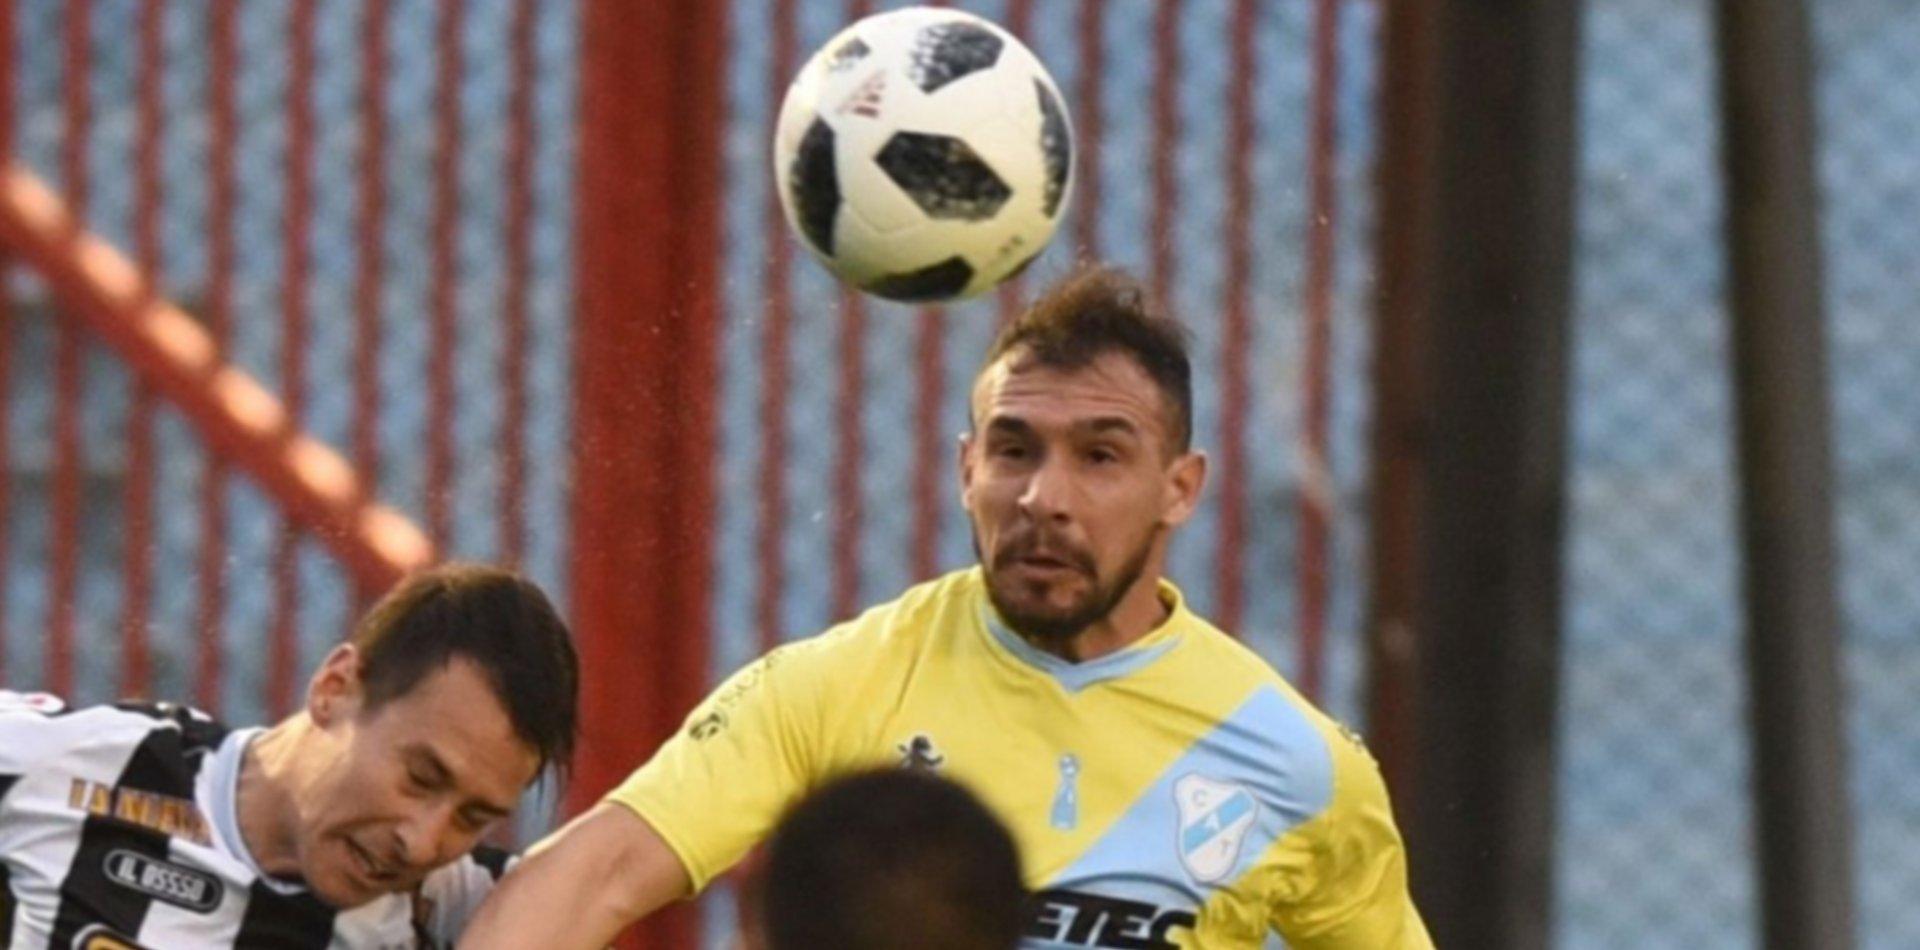 Un futbolista platense en la Superliga fue denunciado por violencia de género